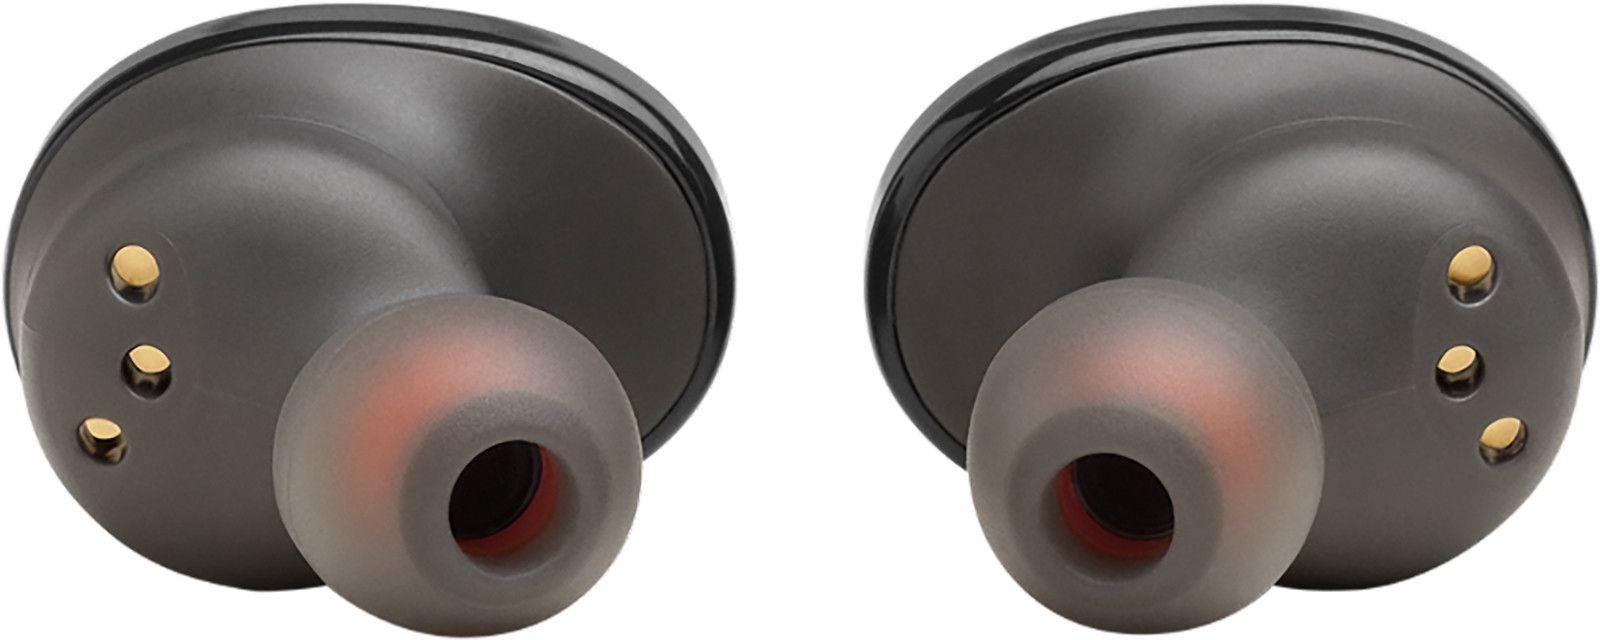 Наушники JBL TUNE 120 TWS (JBLT120TWSBLK) Black от Територія твоєї техніки - 6